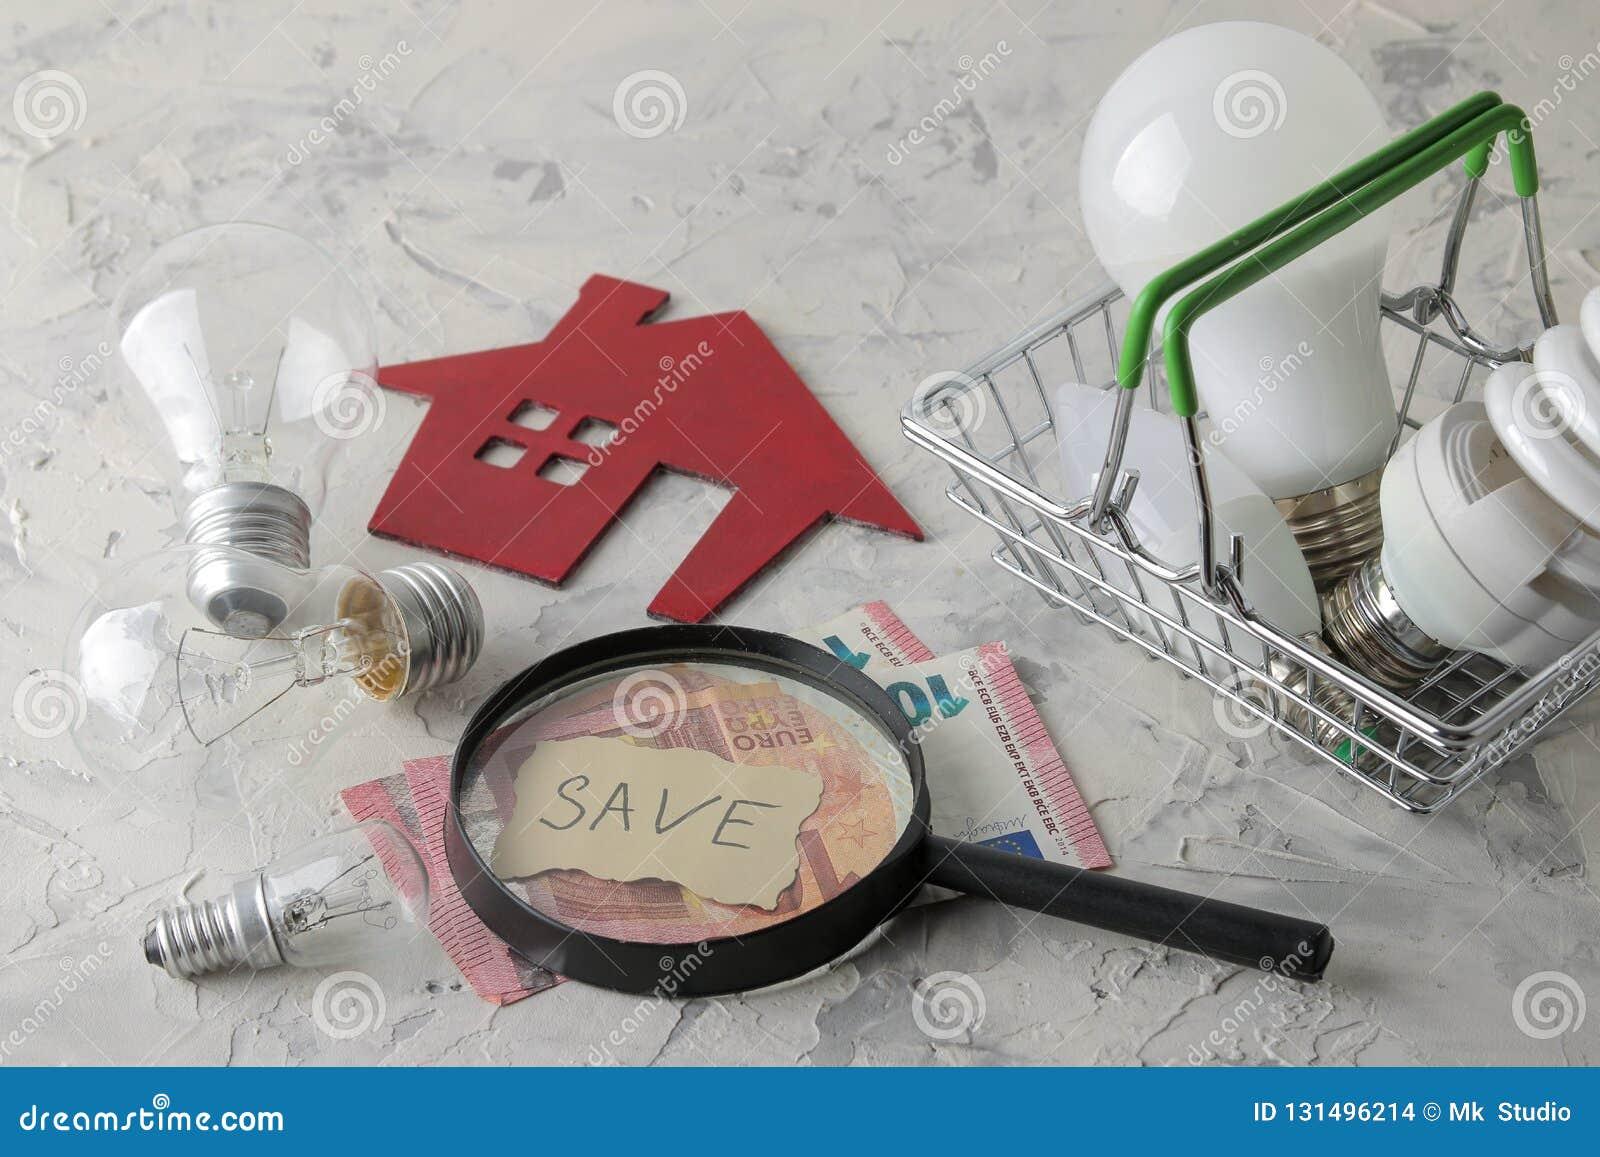 El concepto de electricidad del ahorro dinero, casa decorativa y diversas bombillas en una cesta en un fondo ligero